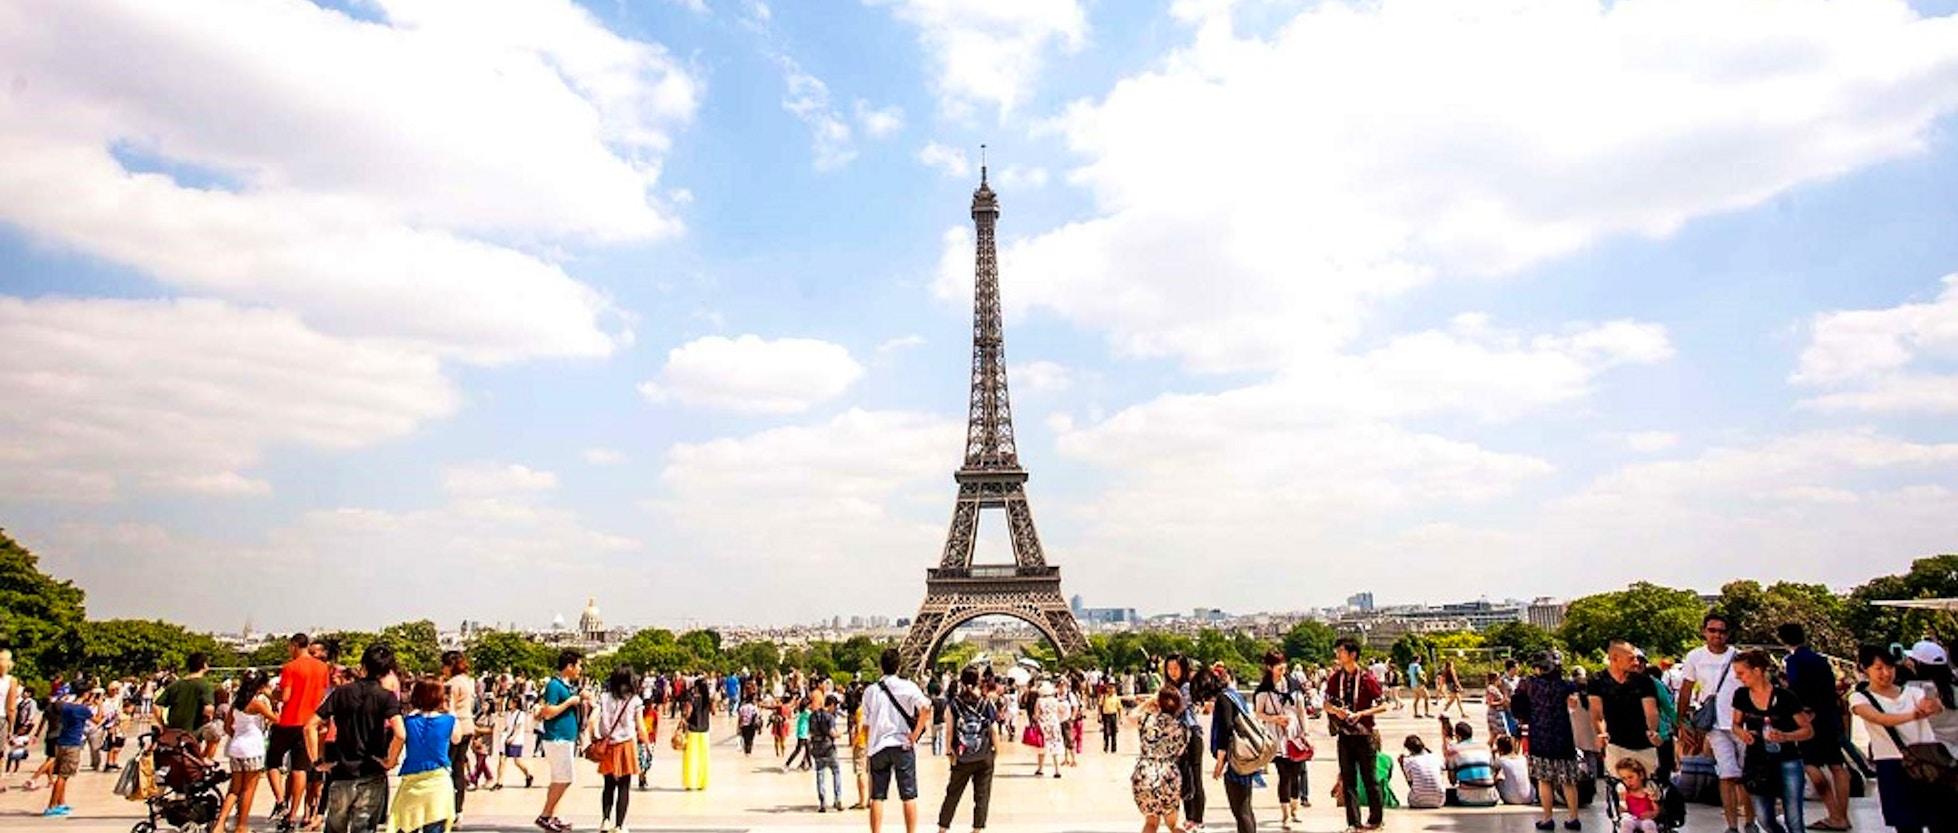 Parigi: Offerte e sconti per biglietti, hotel e tour guidati